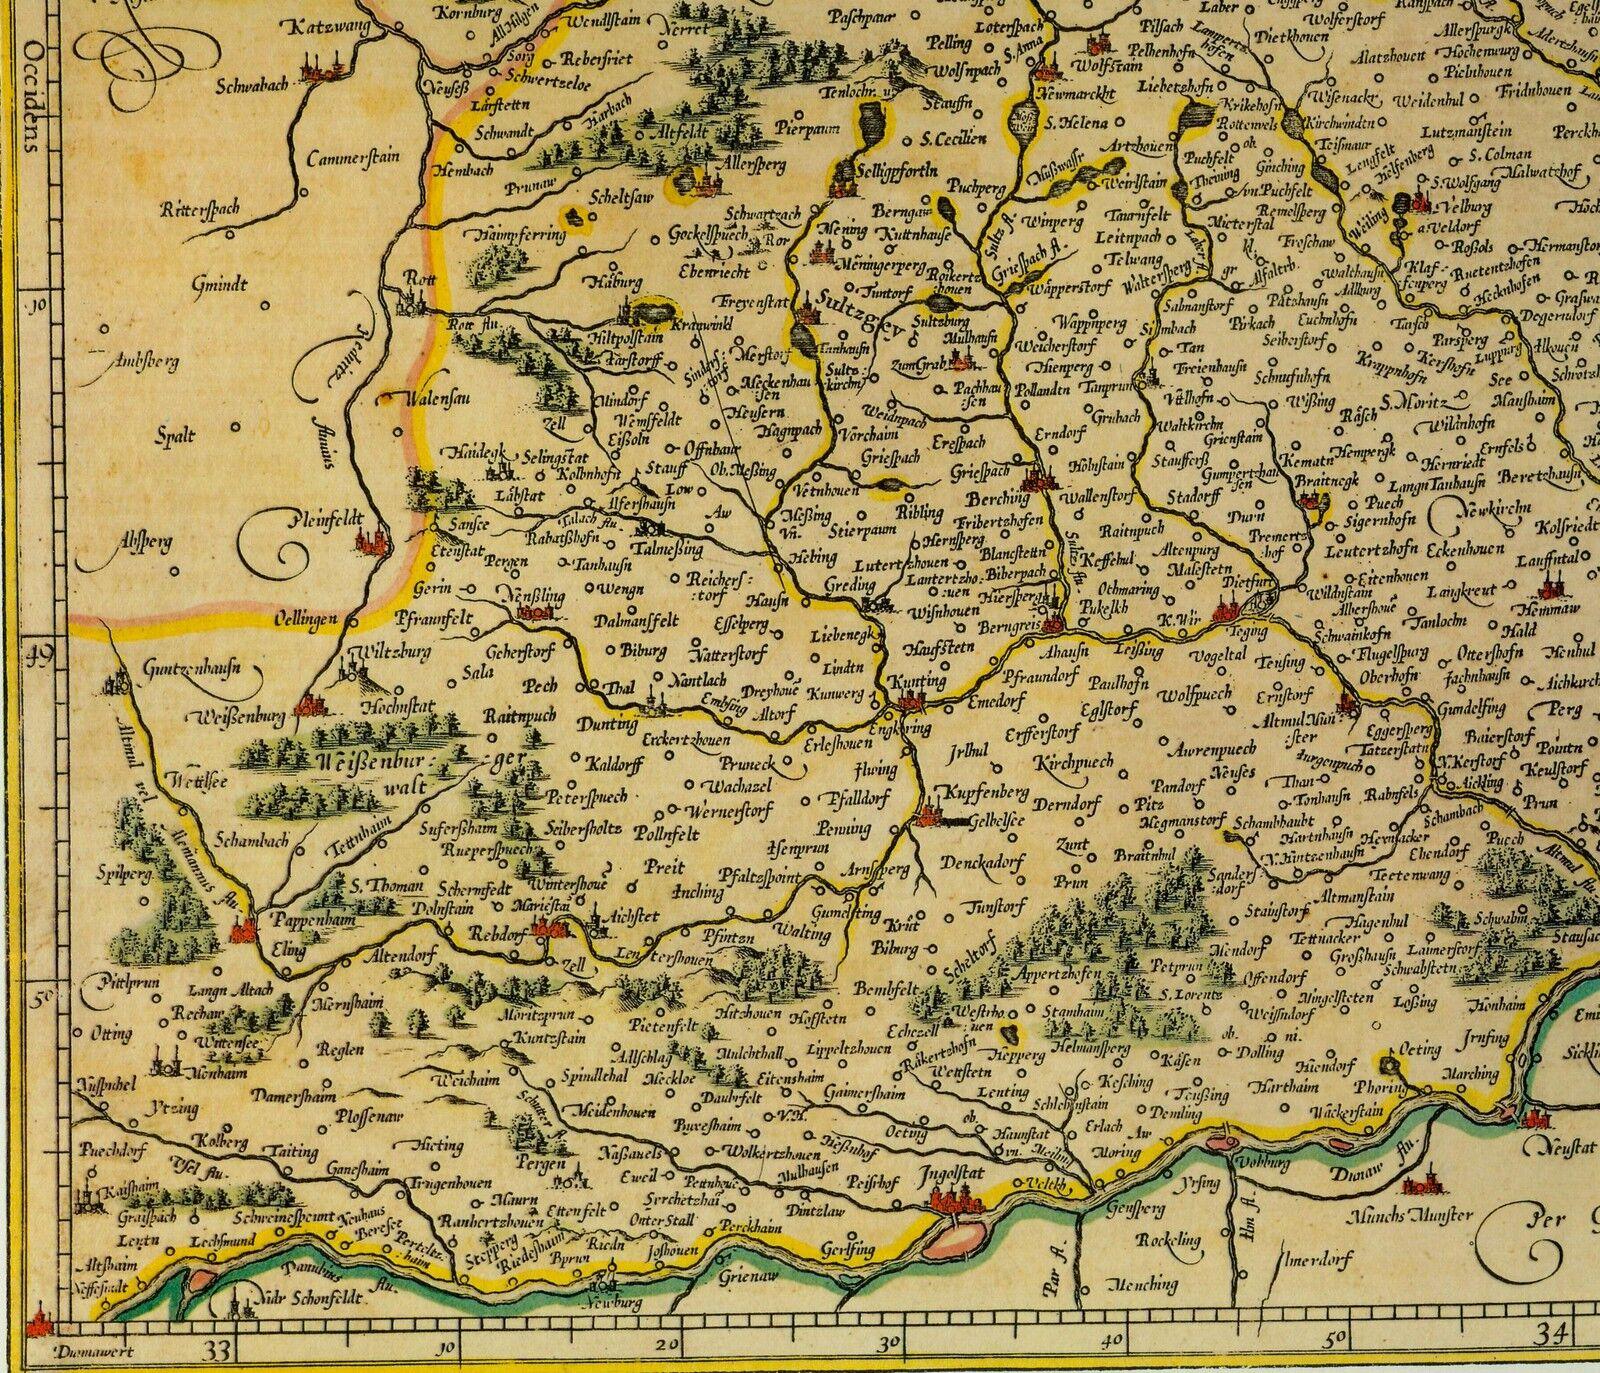 historische landkarte bayern cham beilngries straubing neuburg a d donau 1658 eur 20 00. Black Bedroom Furniture Sets. Home Design Ideas